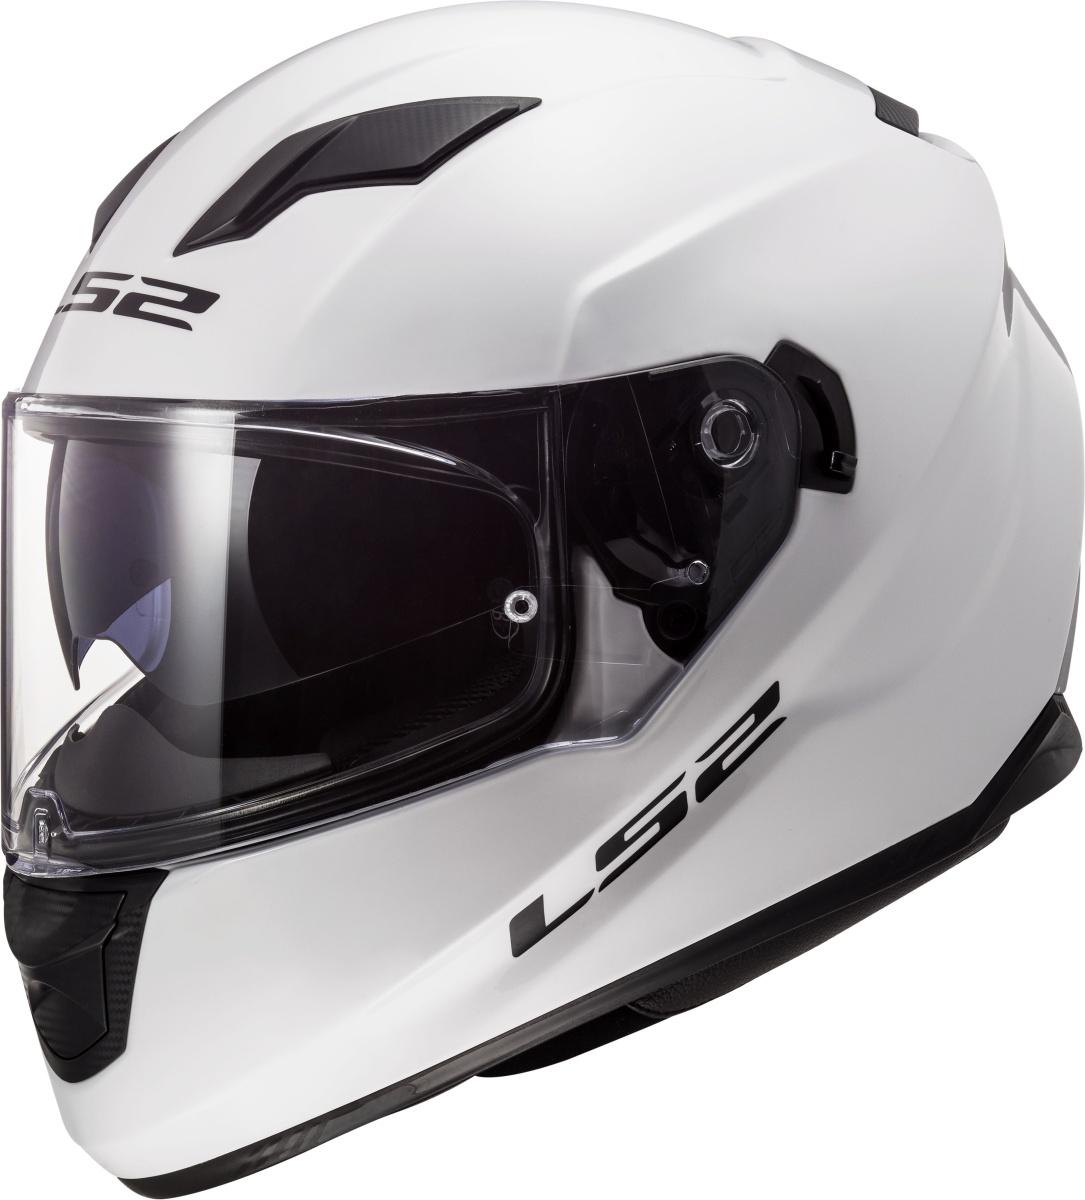 LS2 FF320 STREAM EVO GLOSS WHITE